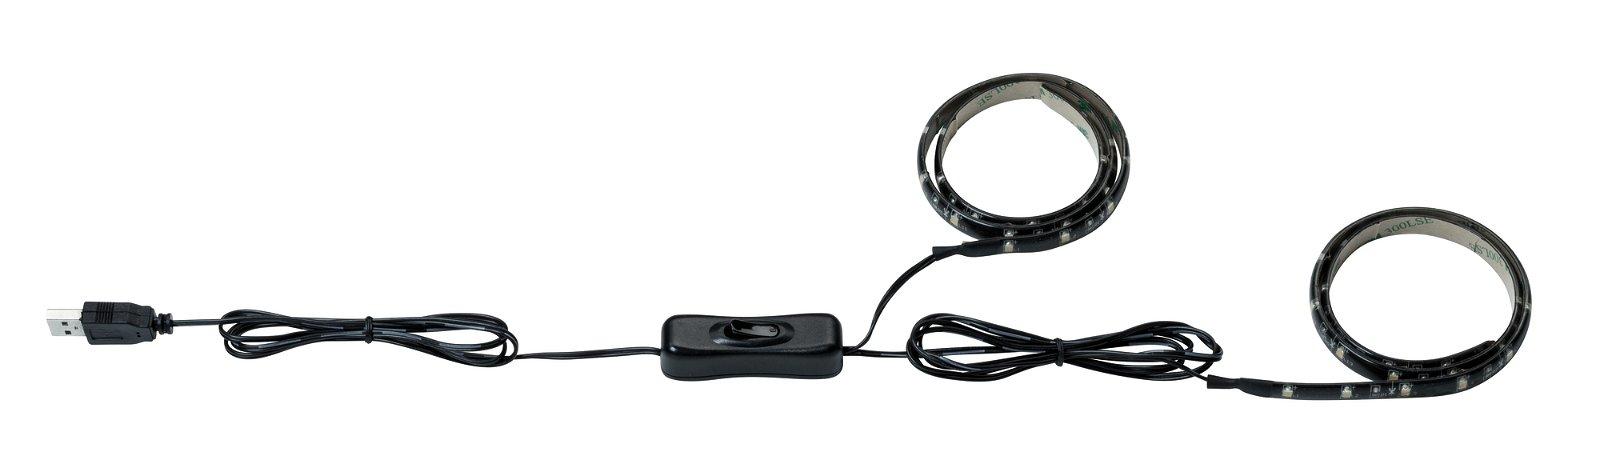 USB LED Strip 0,5m 2x1W 2x100lm 3000K